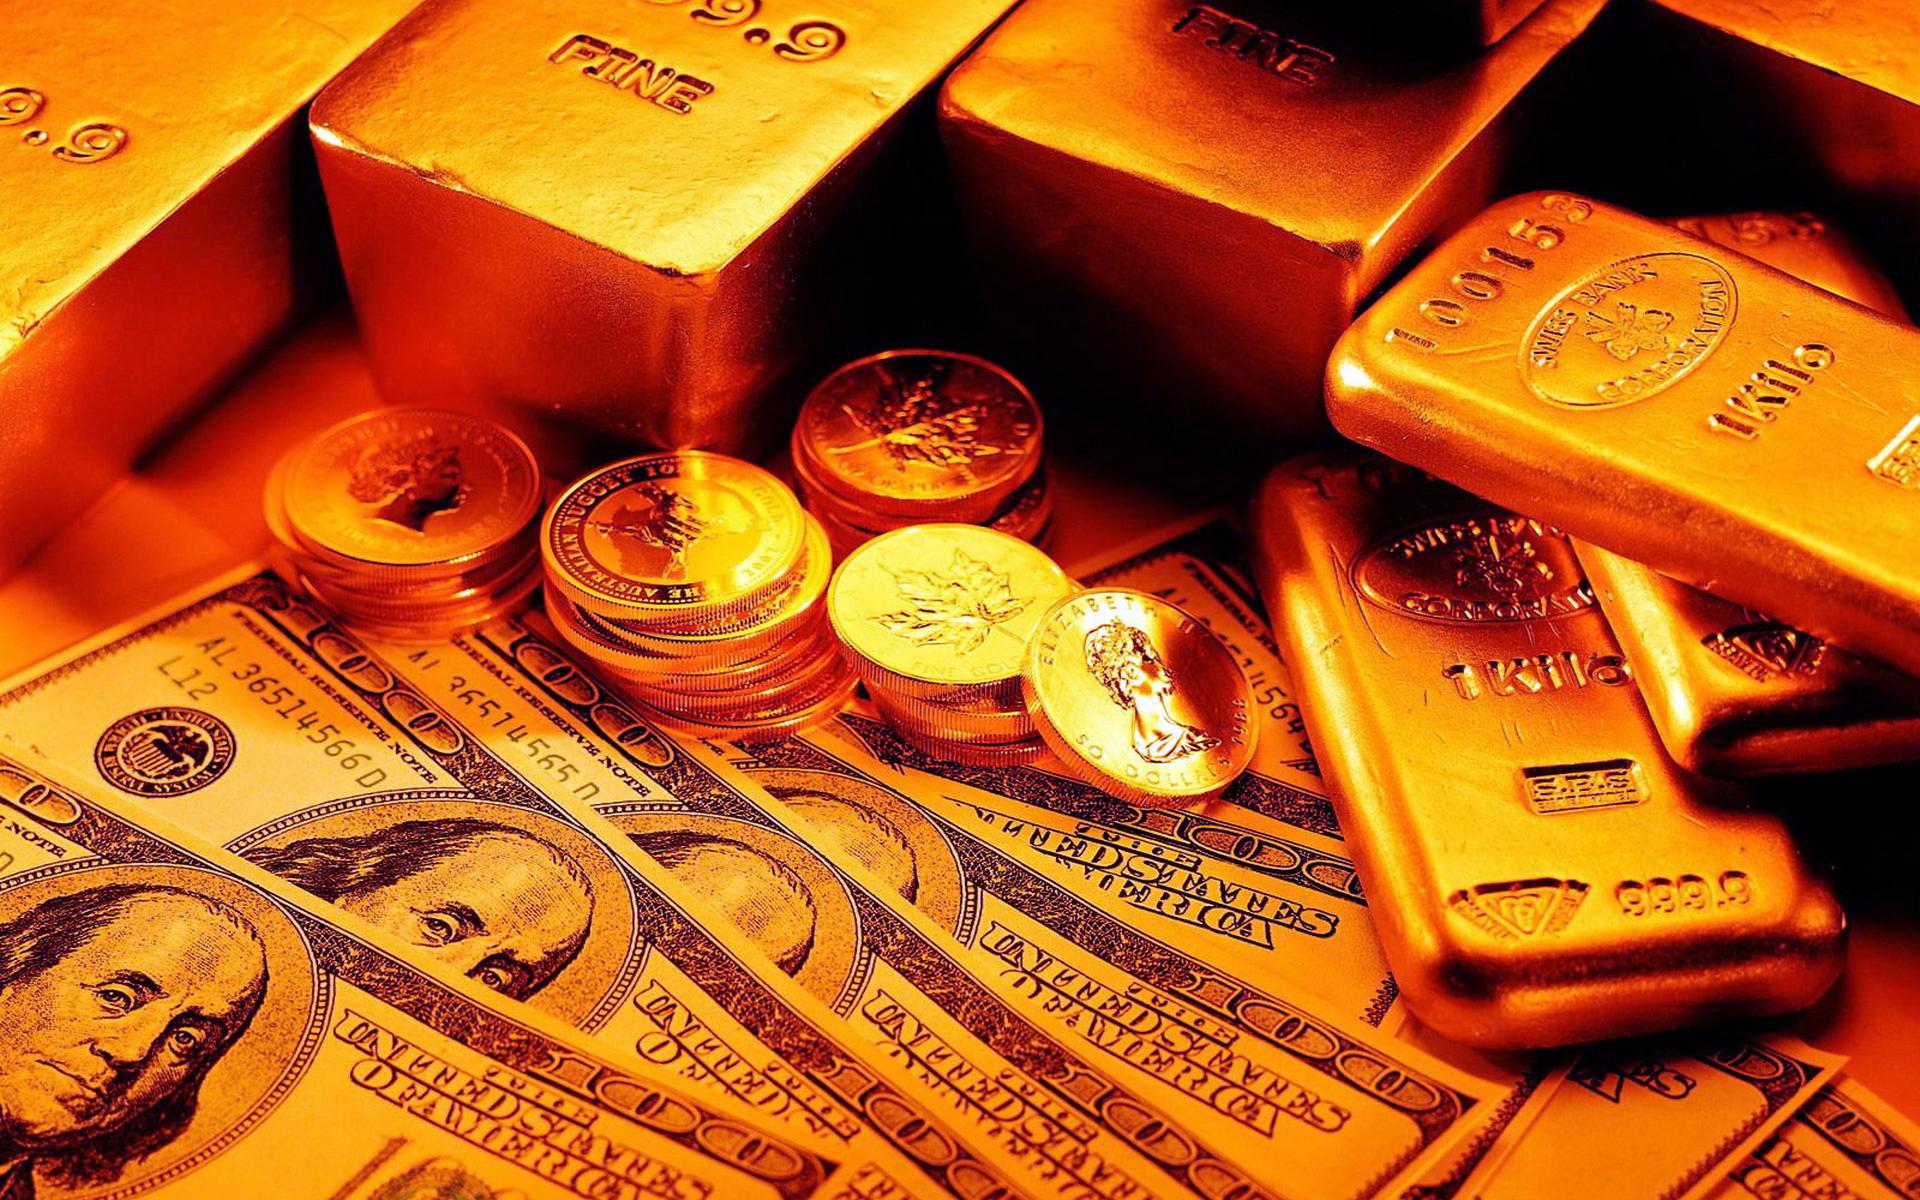 монеты, слитки, золото